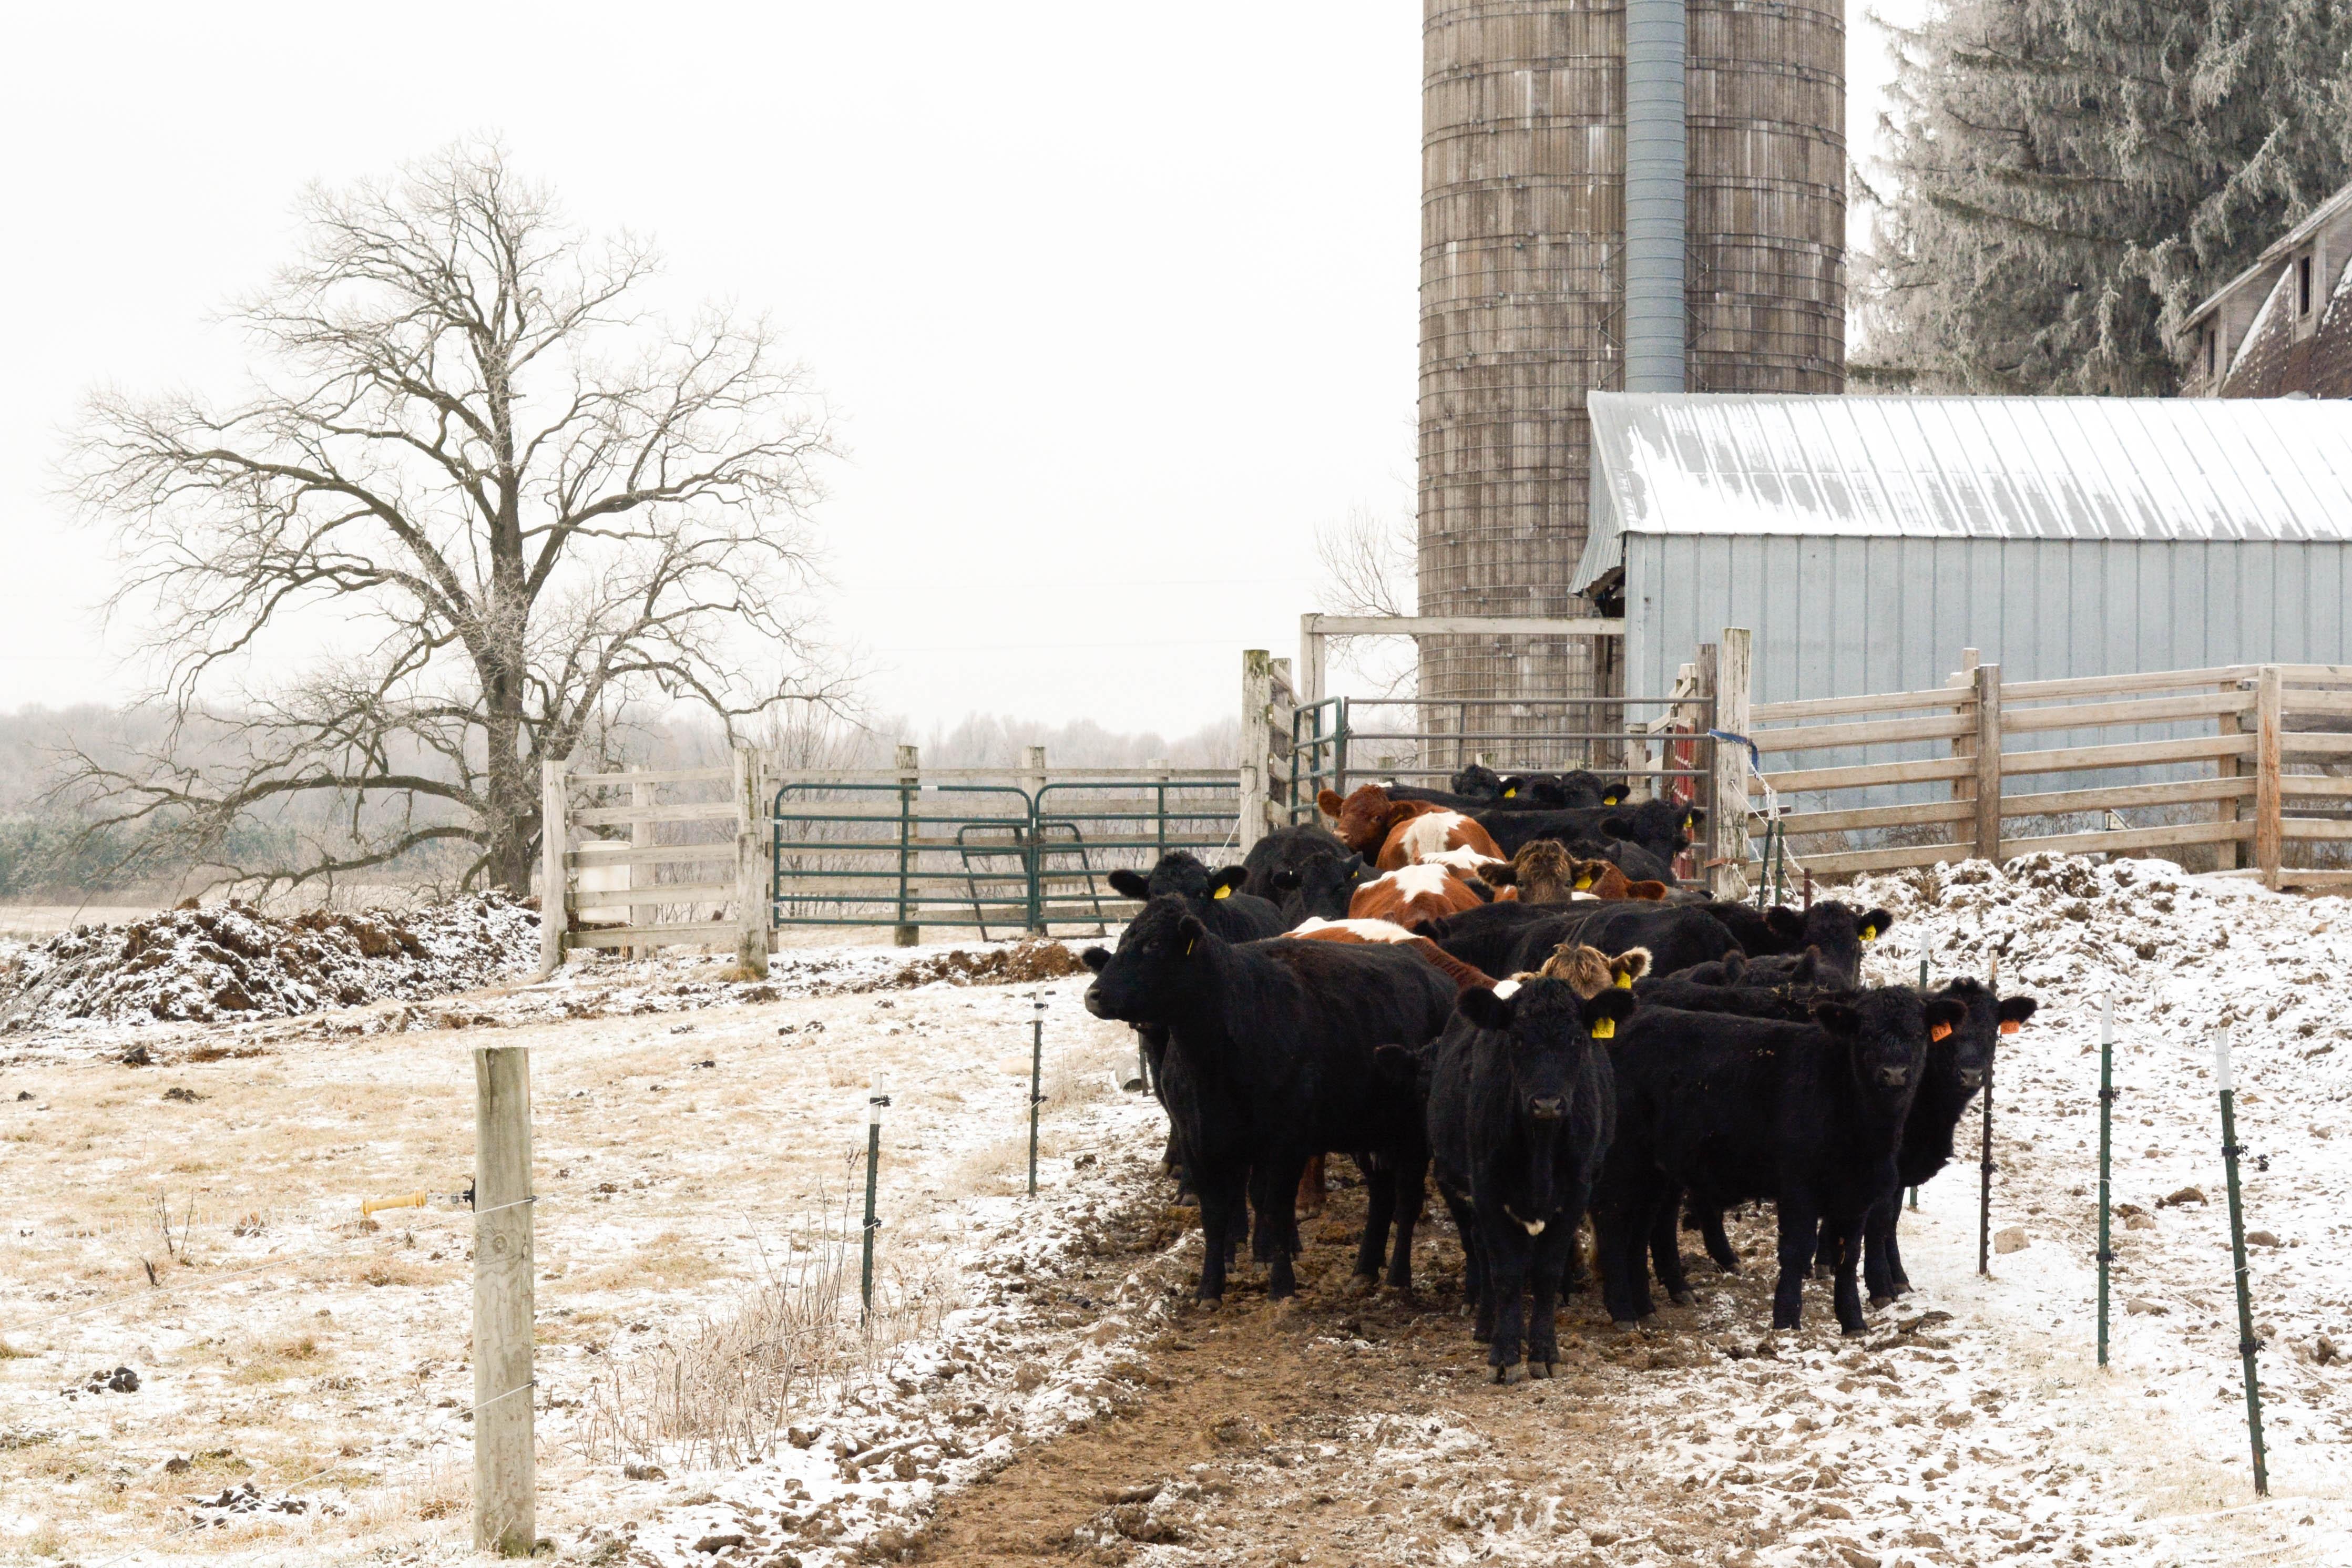 Cattle in lane